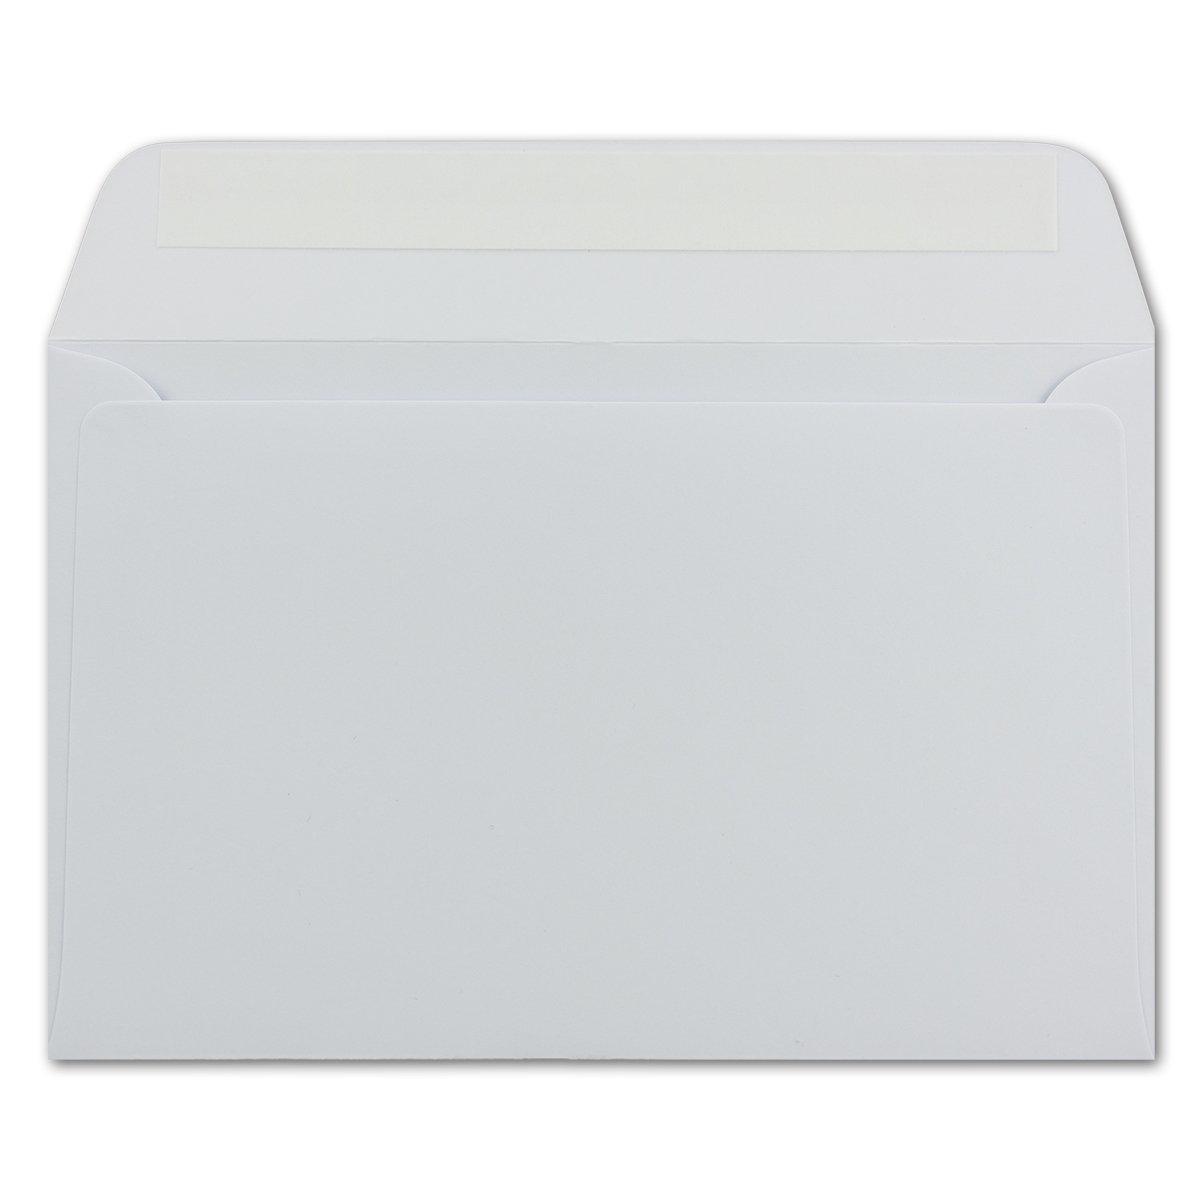 di colore bianco Buste da lettera formato B6 125/x 185 mm con striscia adesiva 25 Umschl/äge bianco